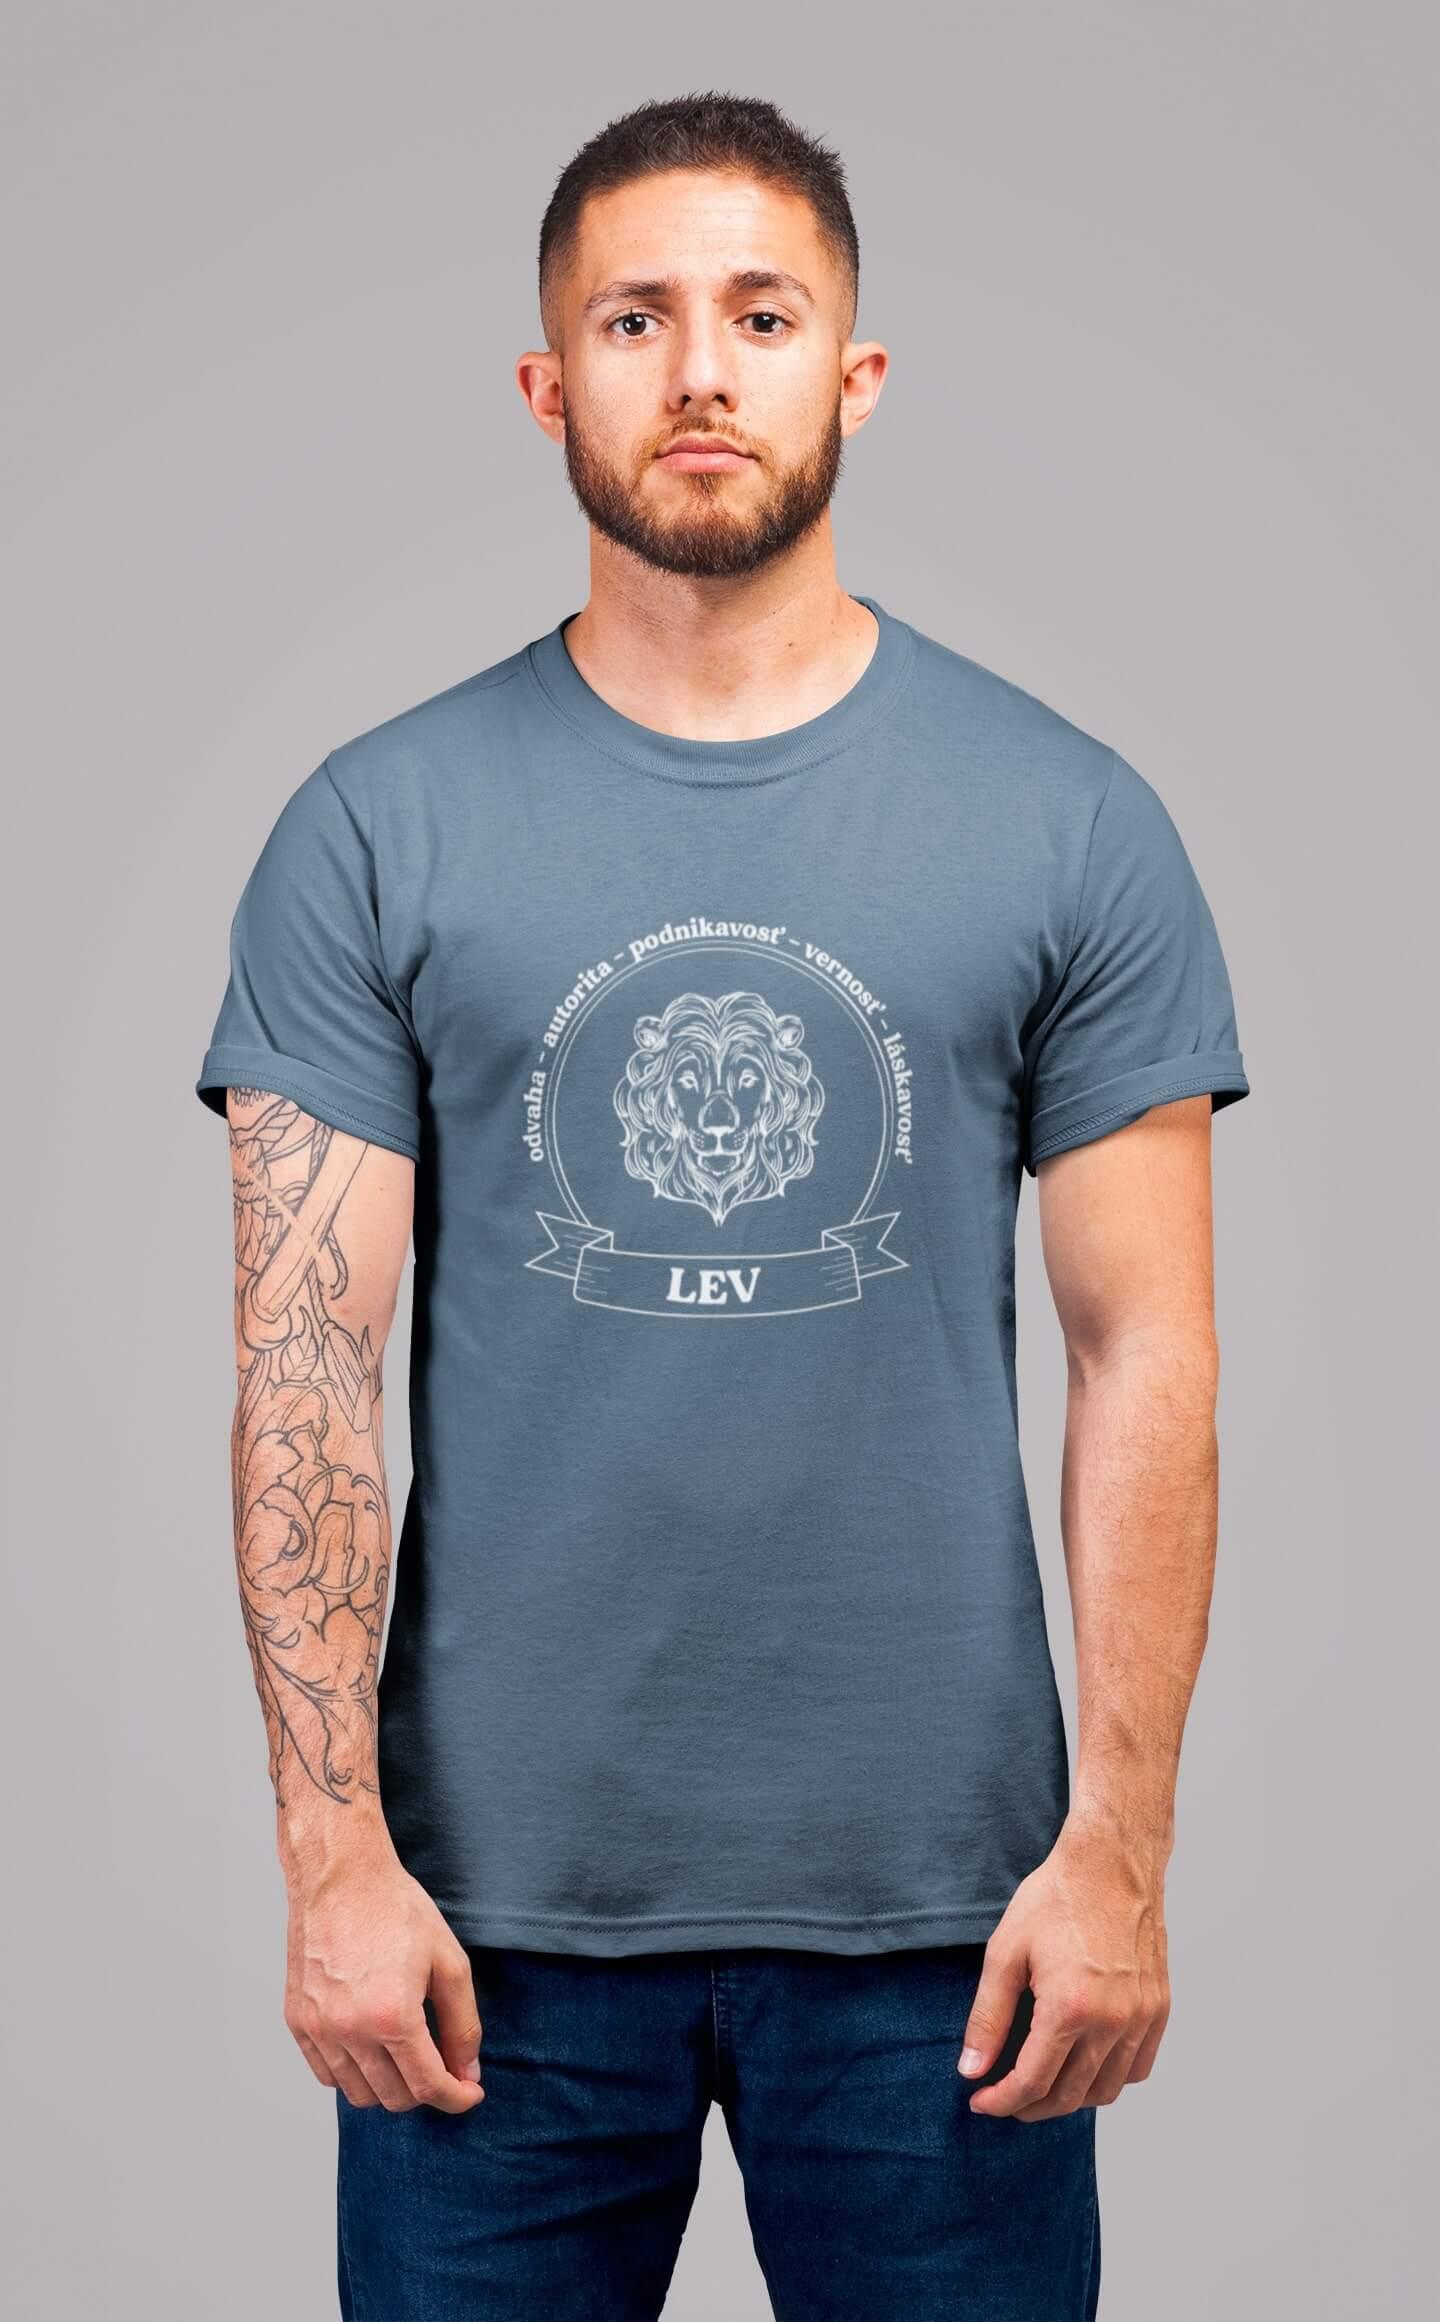 MMO Pánske tričko Lev Vyberte farbu: Denim, Vyberte veľkosť: XS